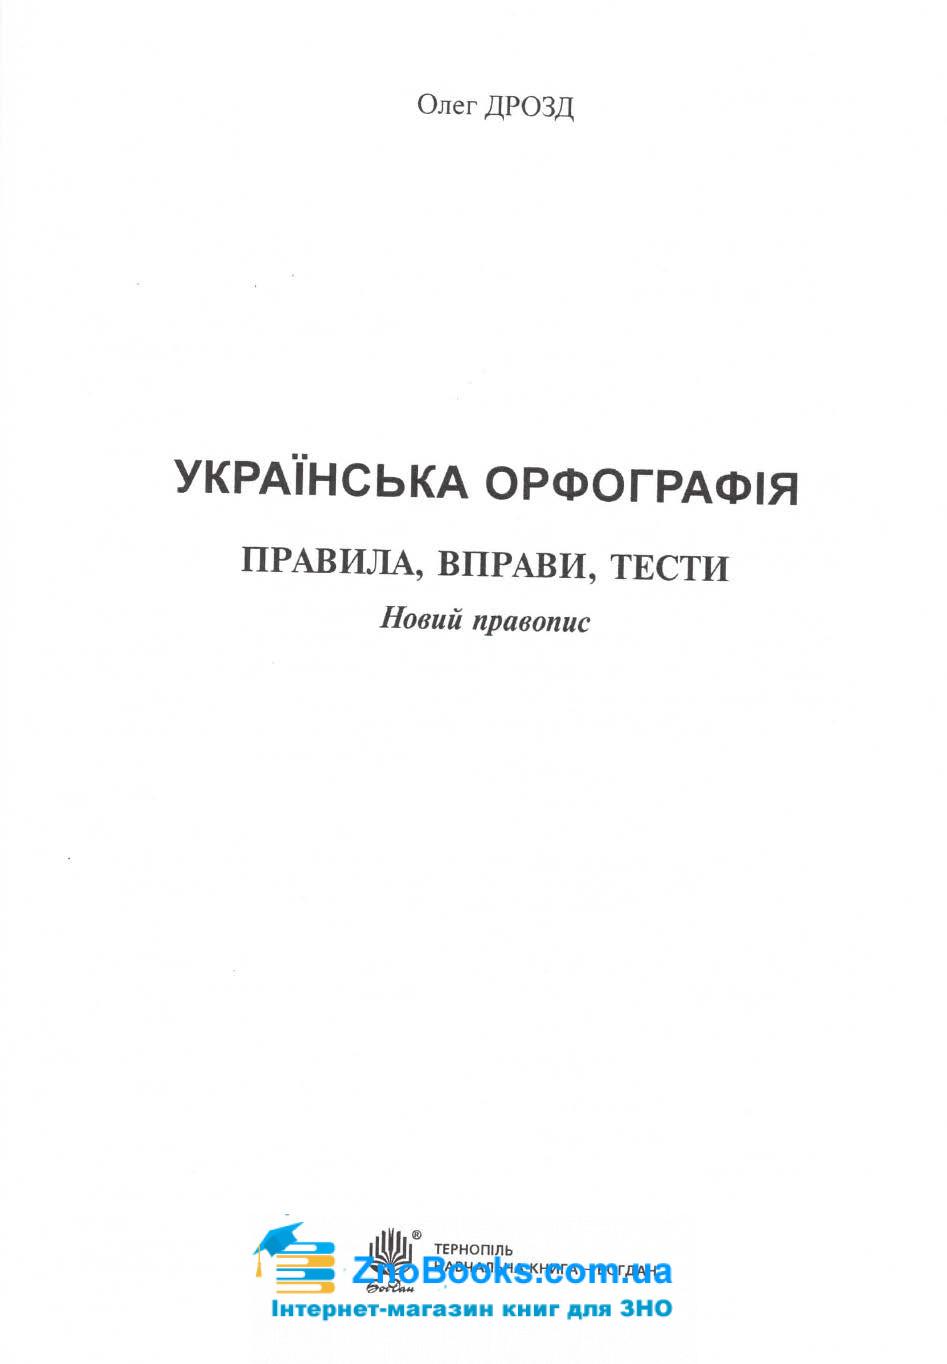 Українська орфографія: Дрозд О. Навчальна книга - Богдан. купити 2